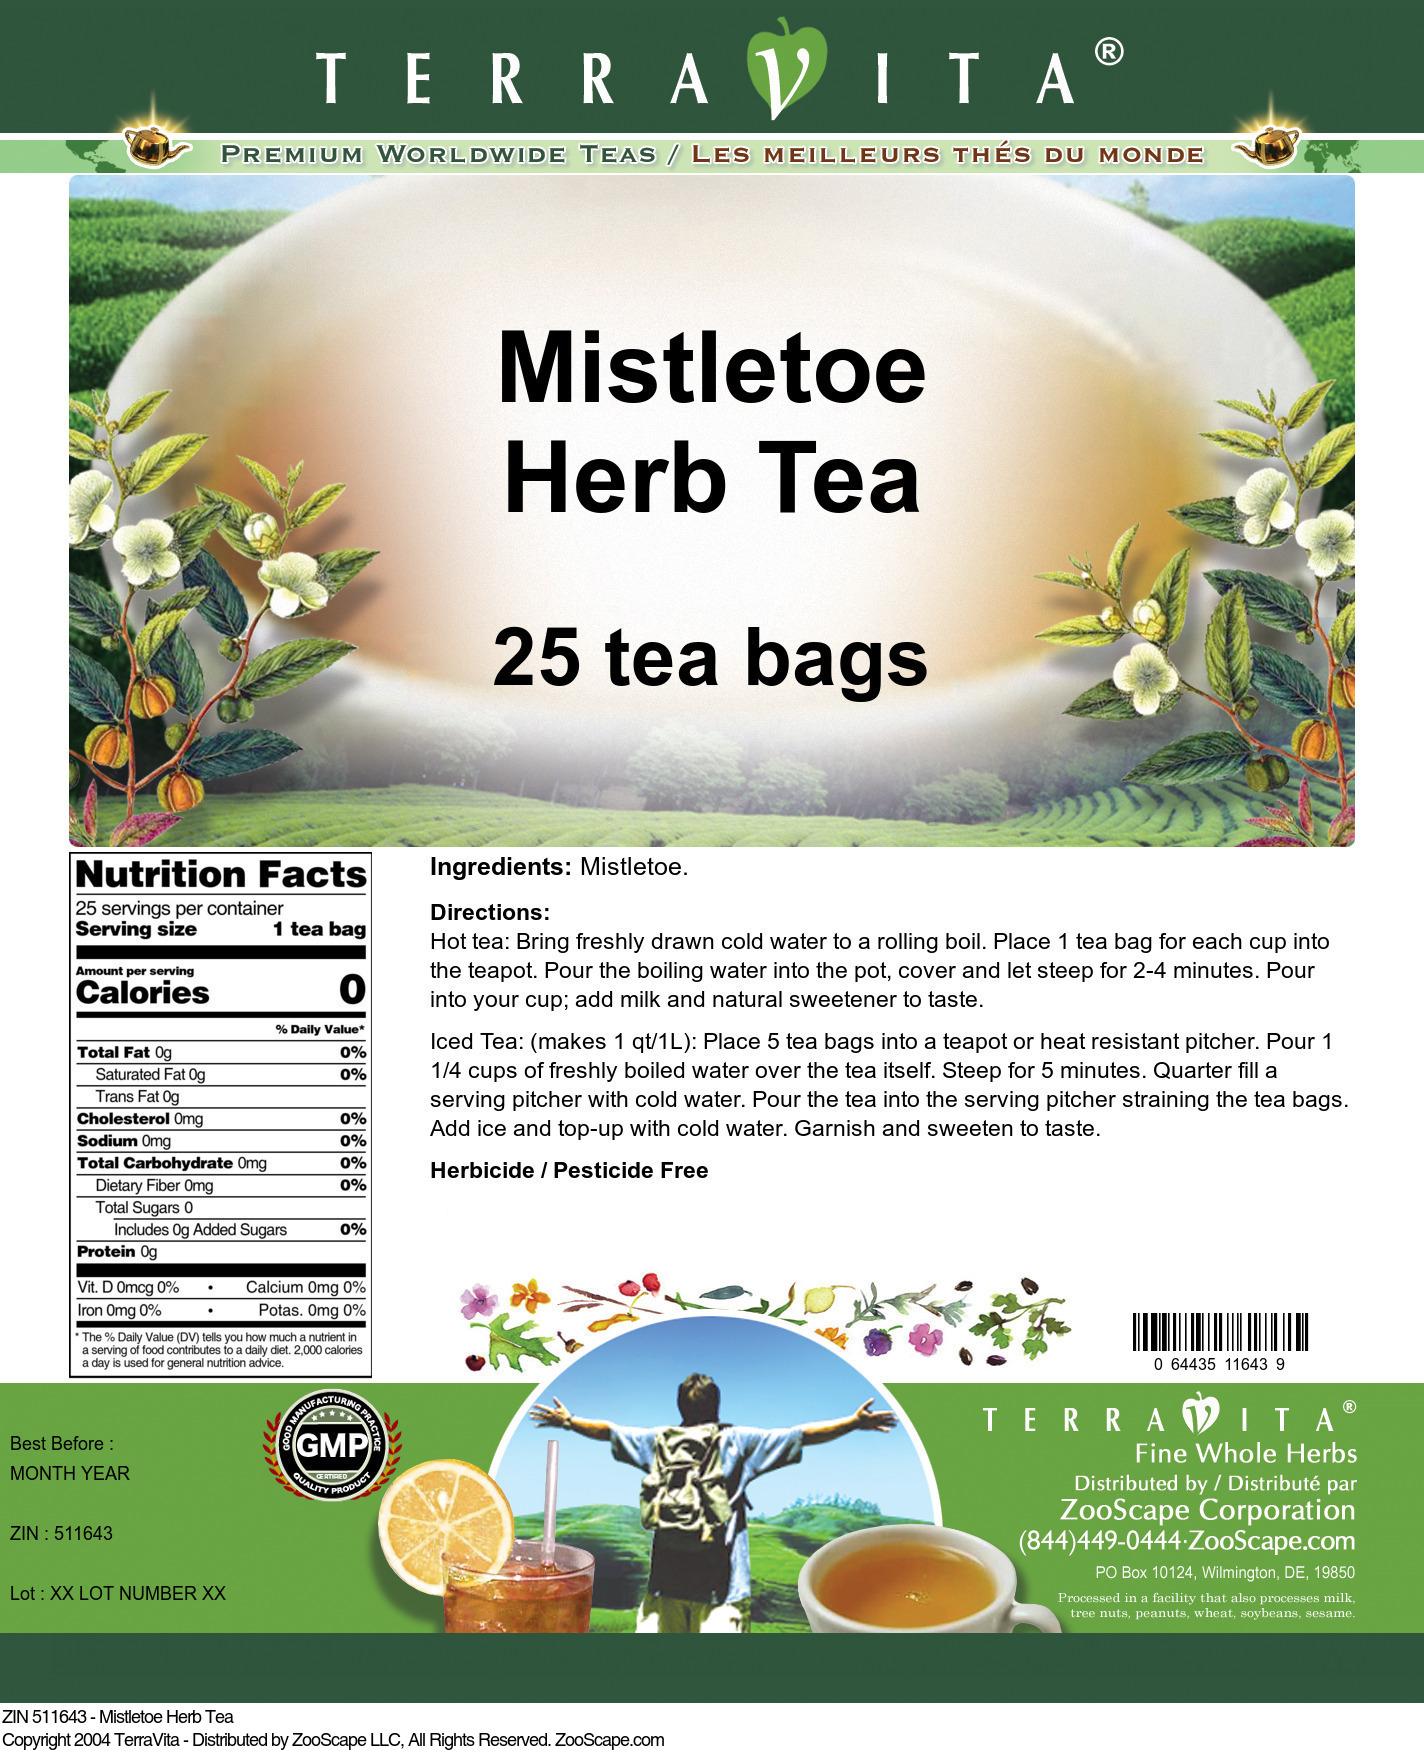 Mistletoe Herb Tea